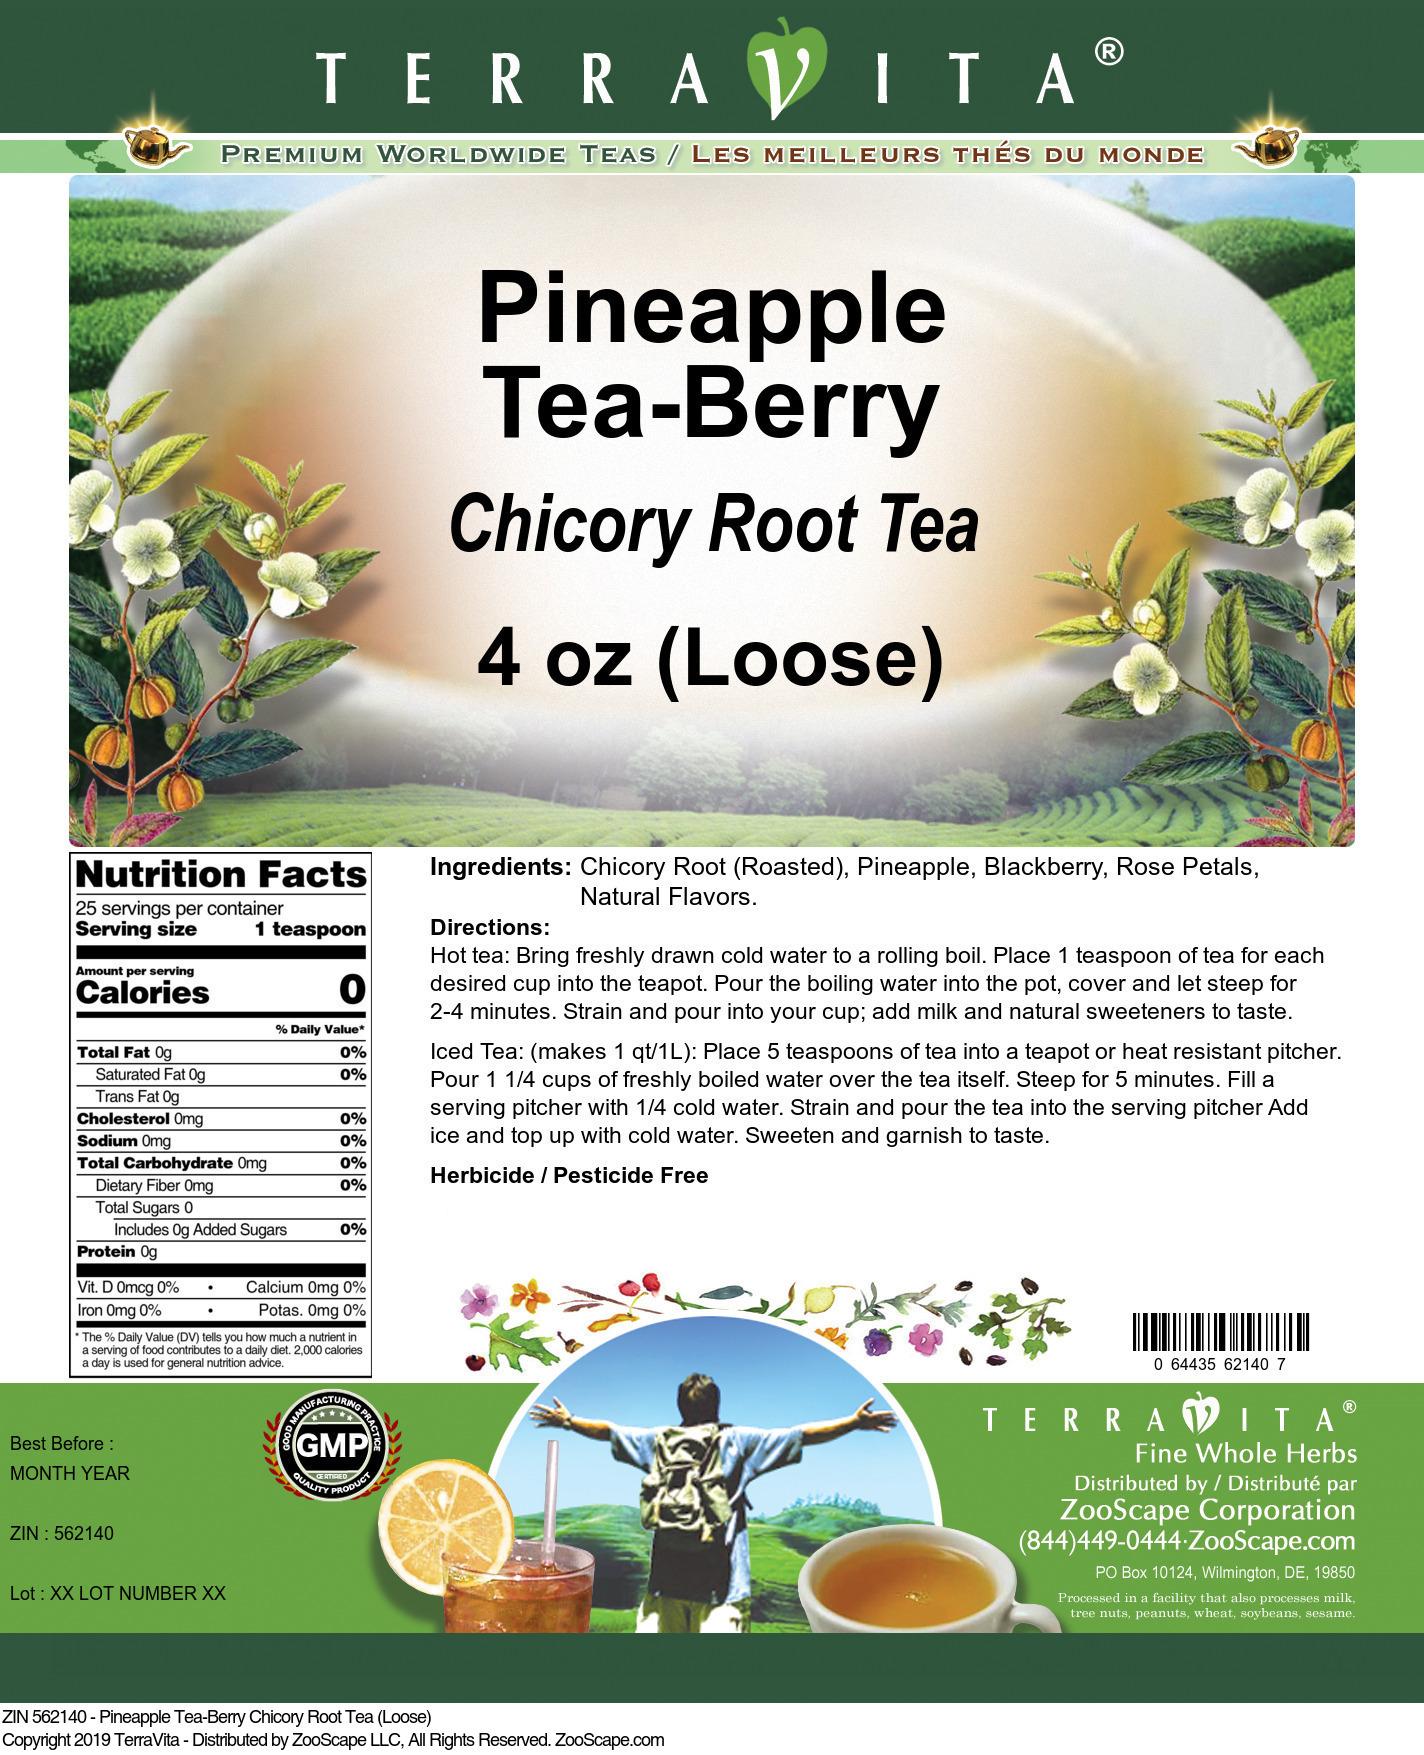 Pineapple Tea-Berry Chicory Root Tea (Loose)